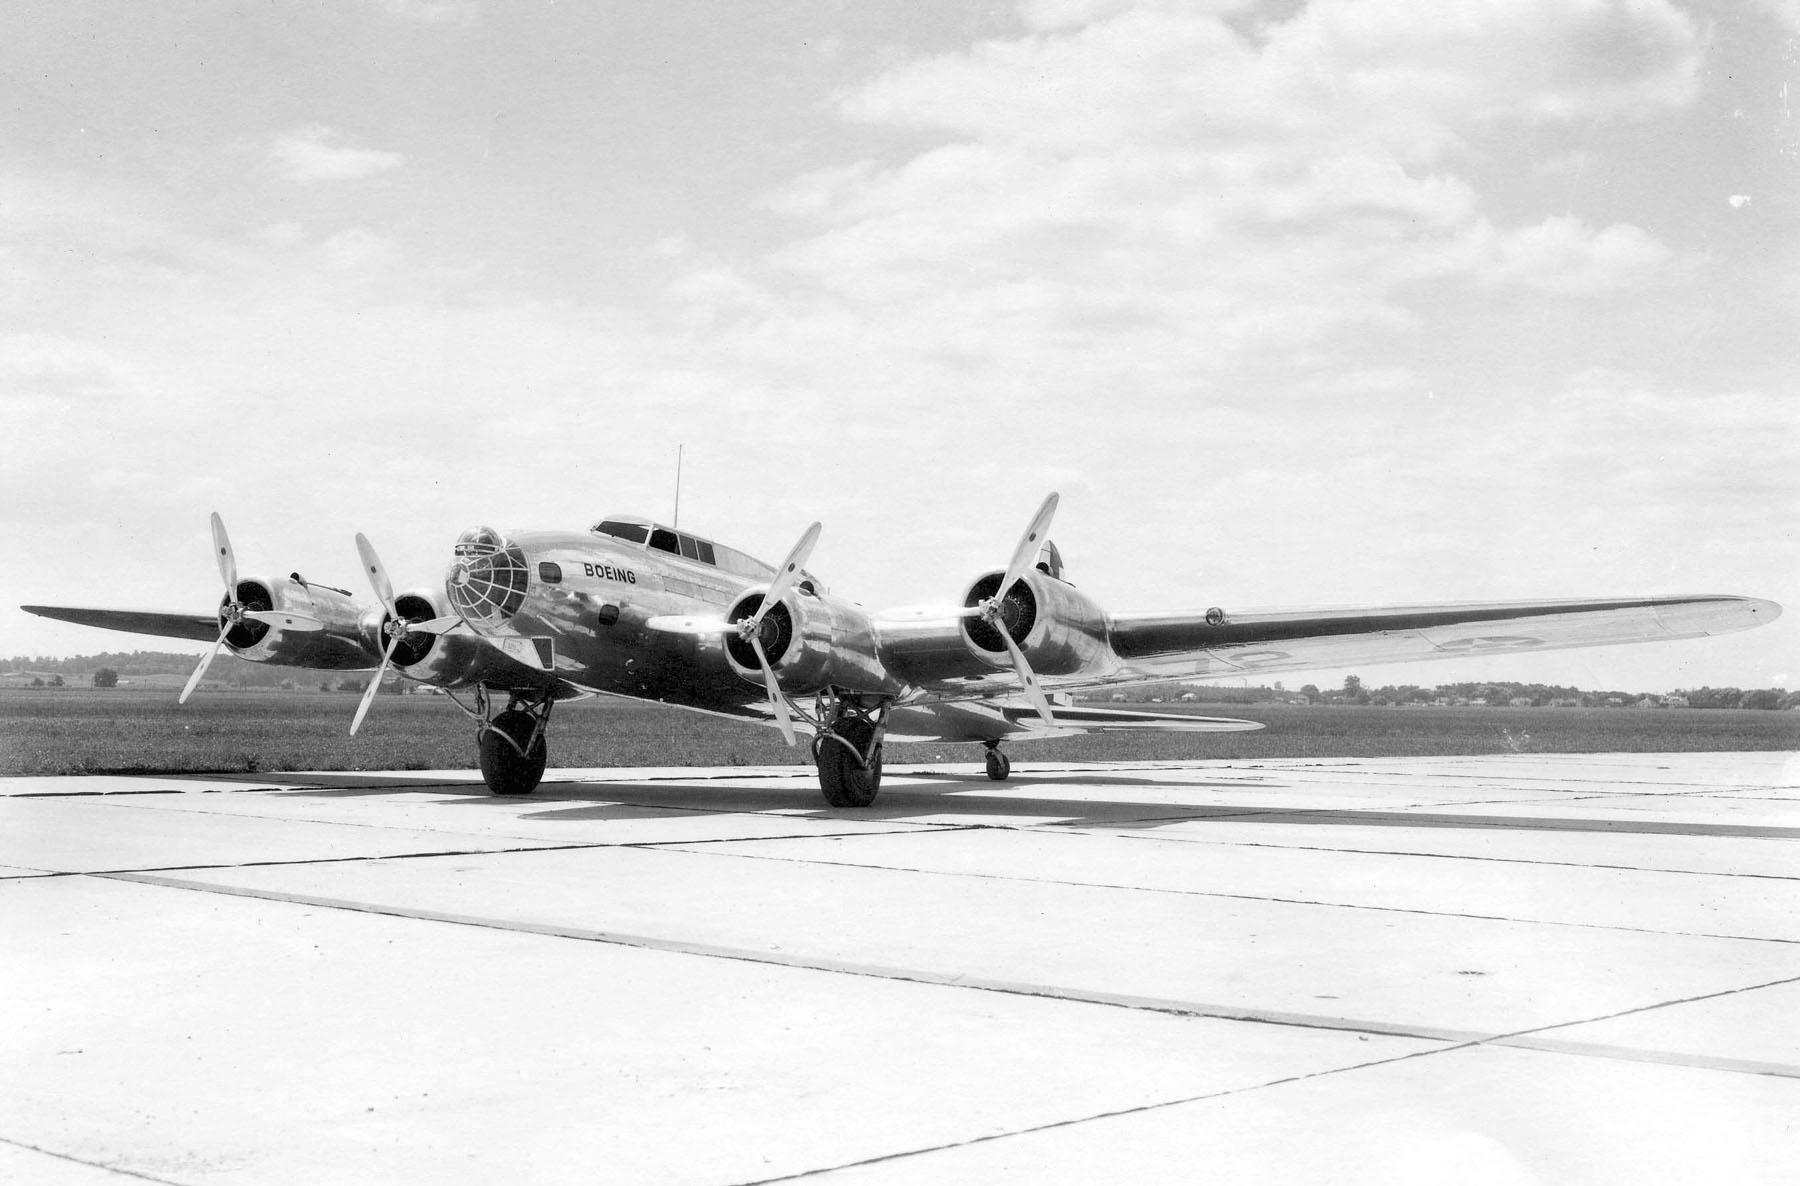 B-17 #Modell 299 (XB-17) – NX13372